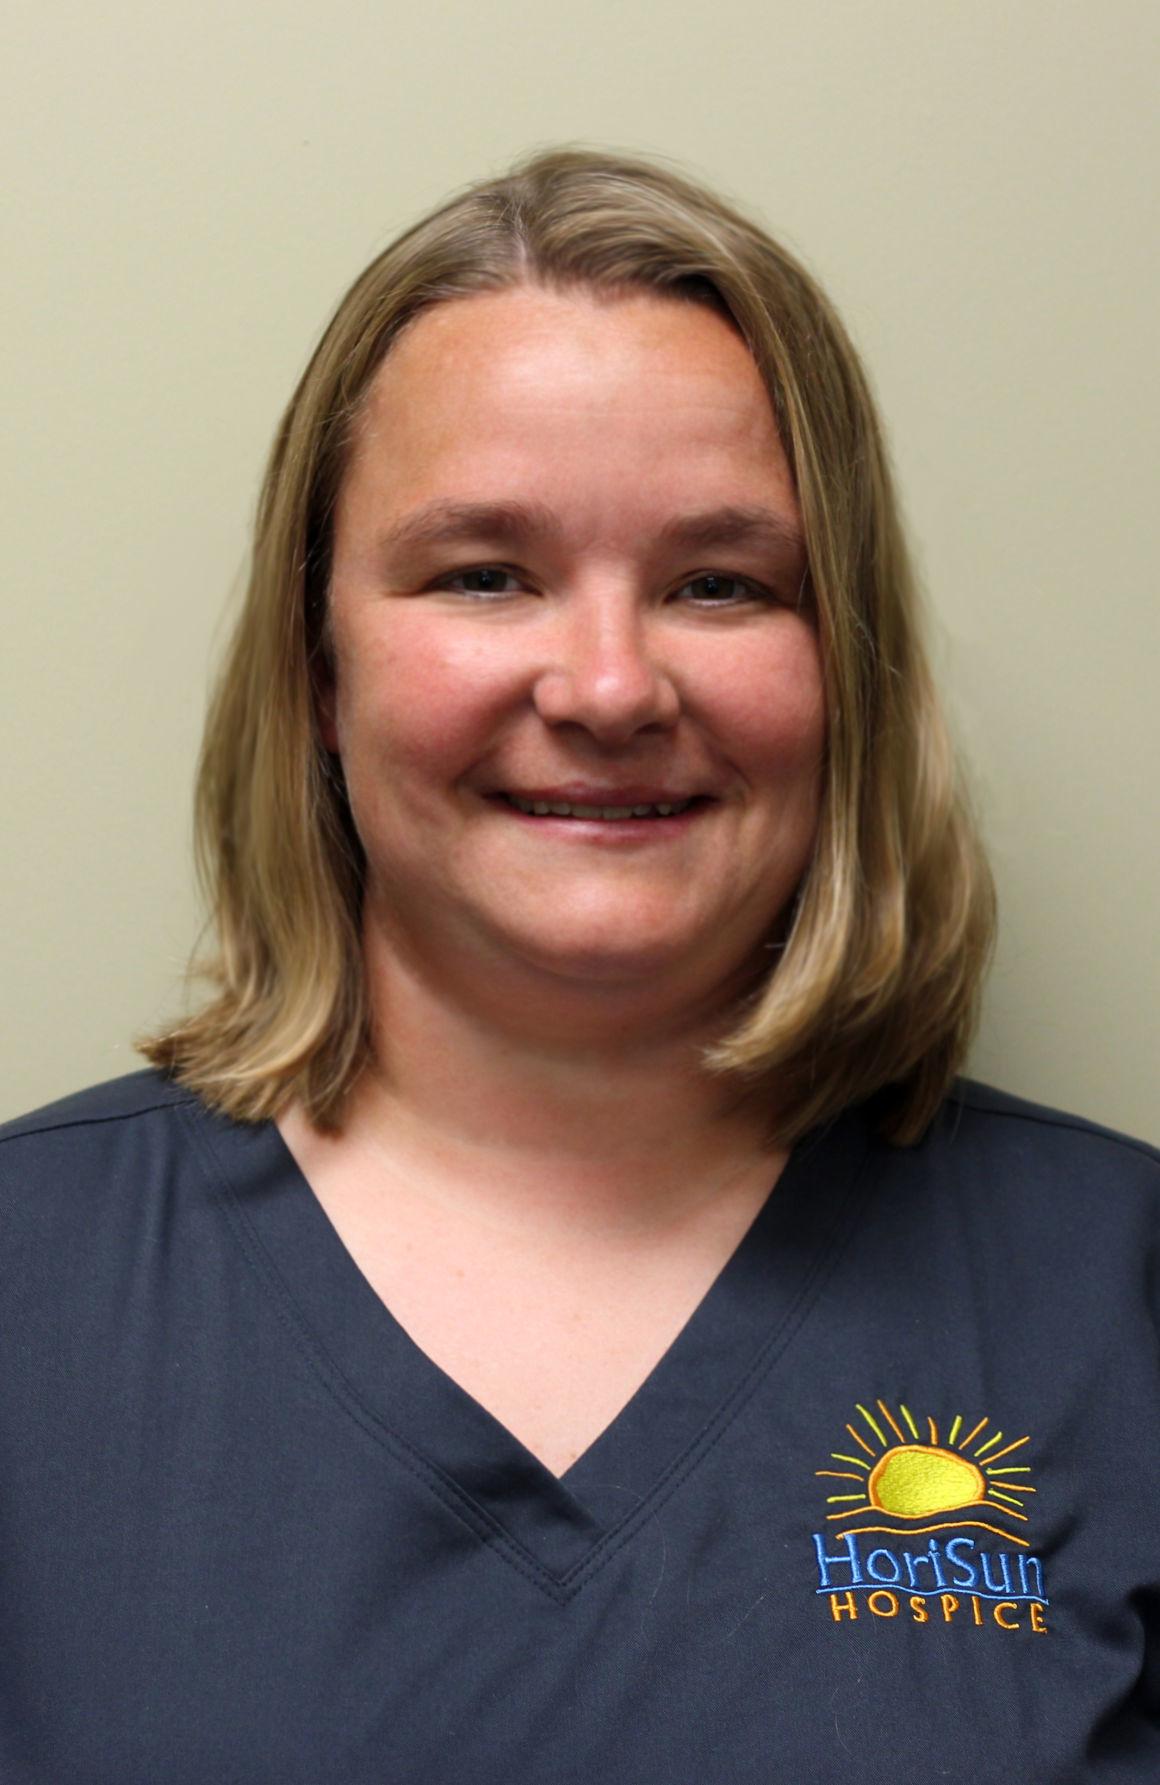 HoriSun Hospice promotes Kelli Klopfenstein